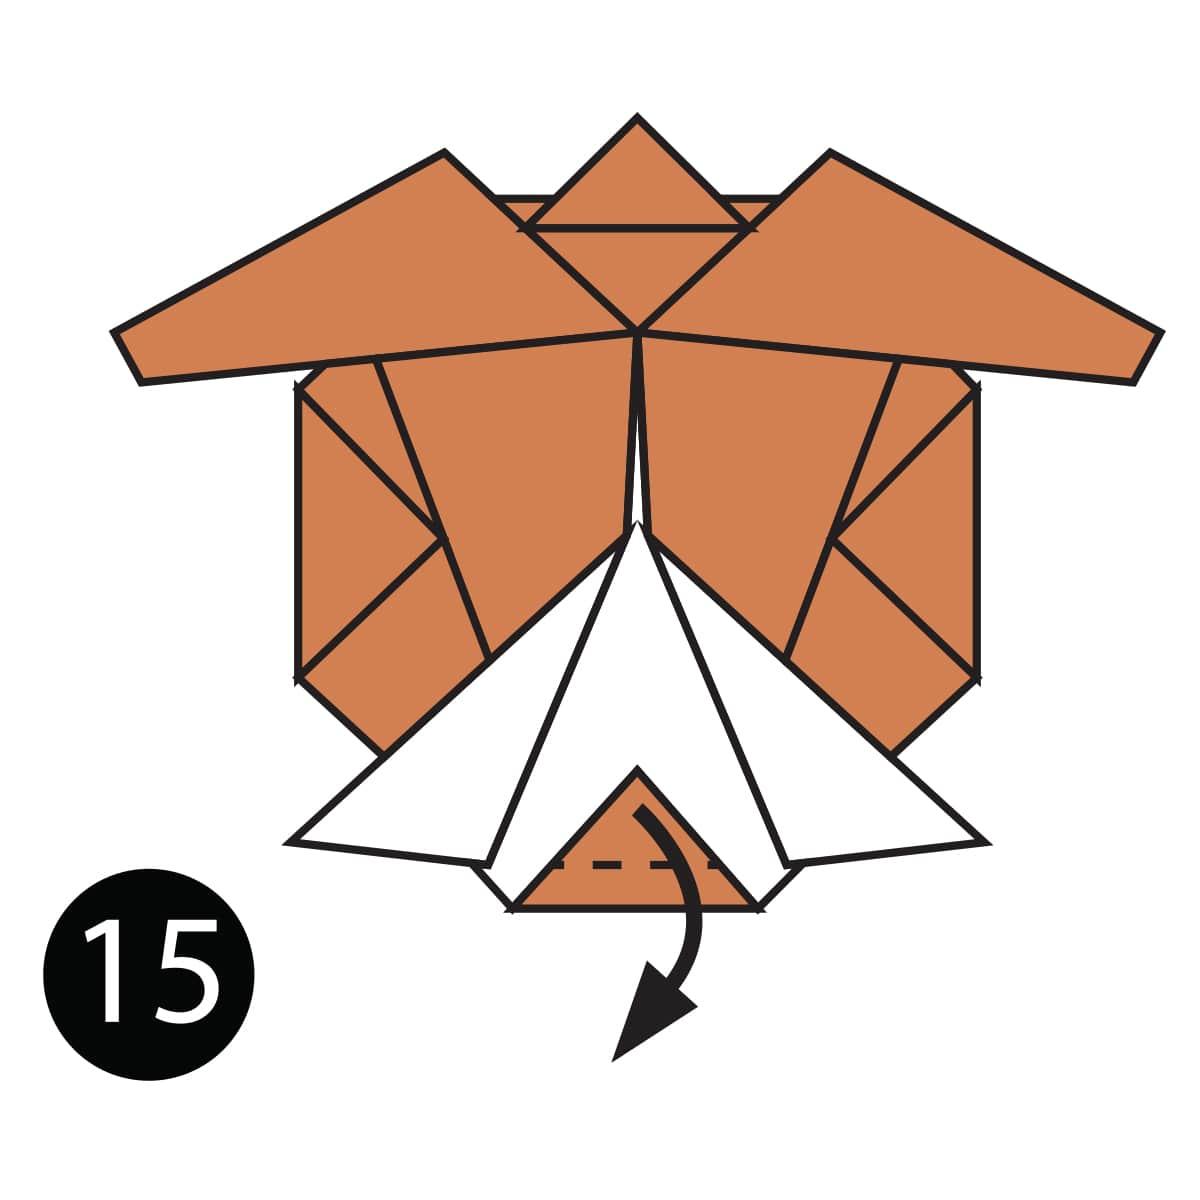 Turtle Step 15